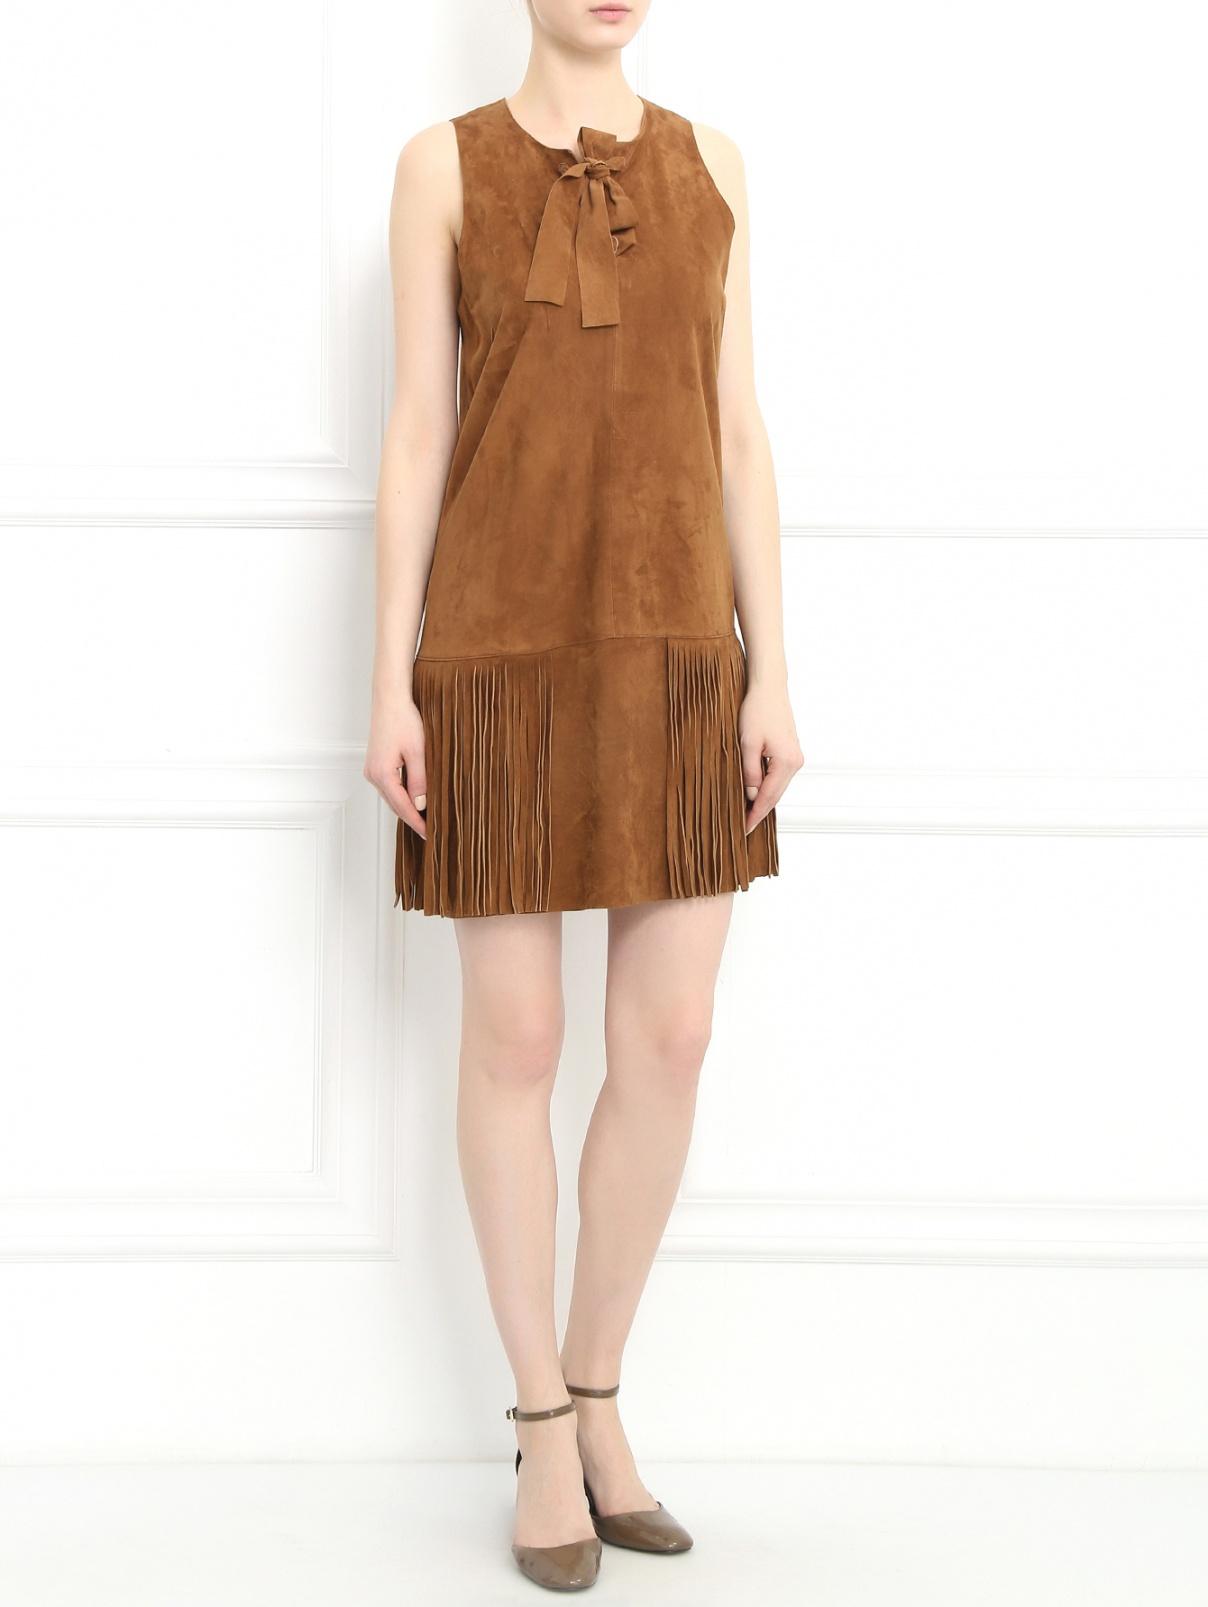 Платье из замши с бахромой Yves Salomon  –  Модель Общий вид  – Цвет:  Коричневый